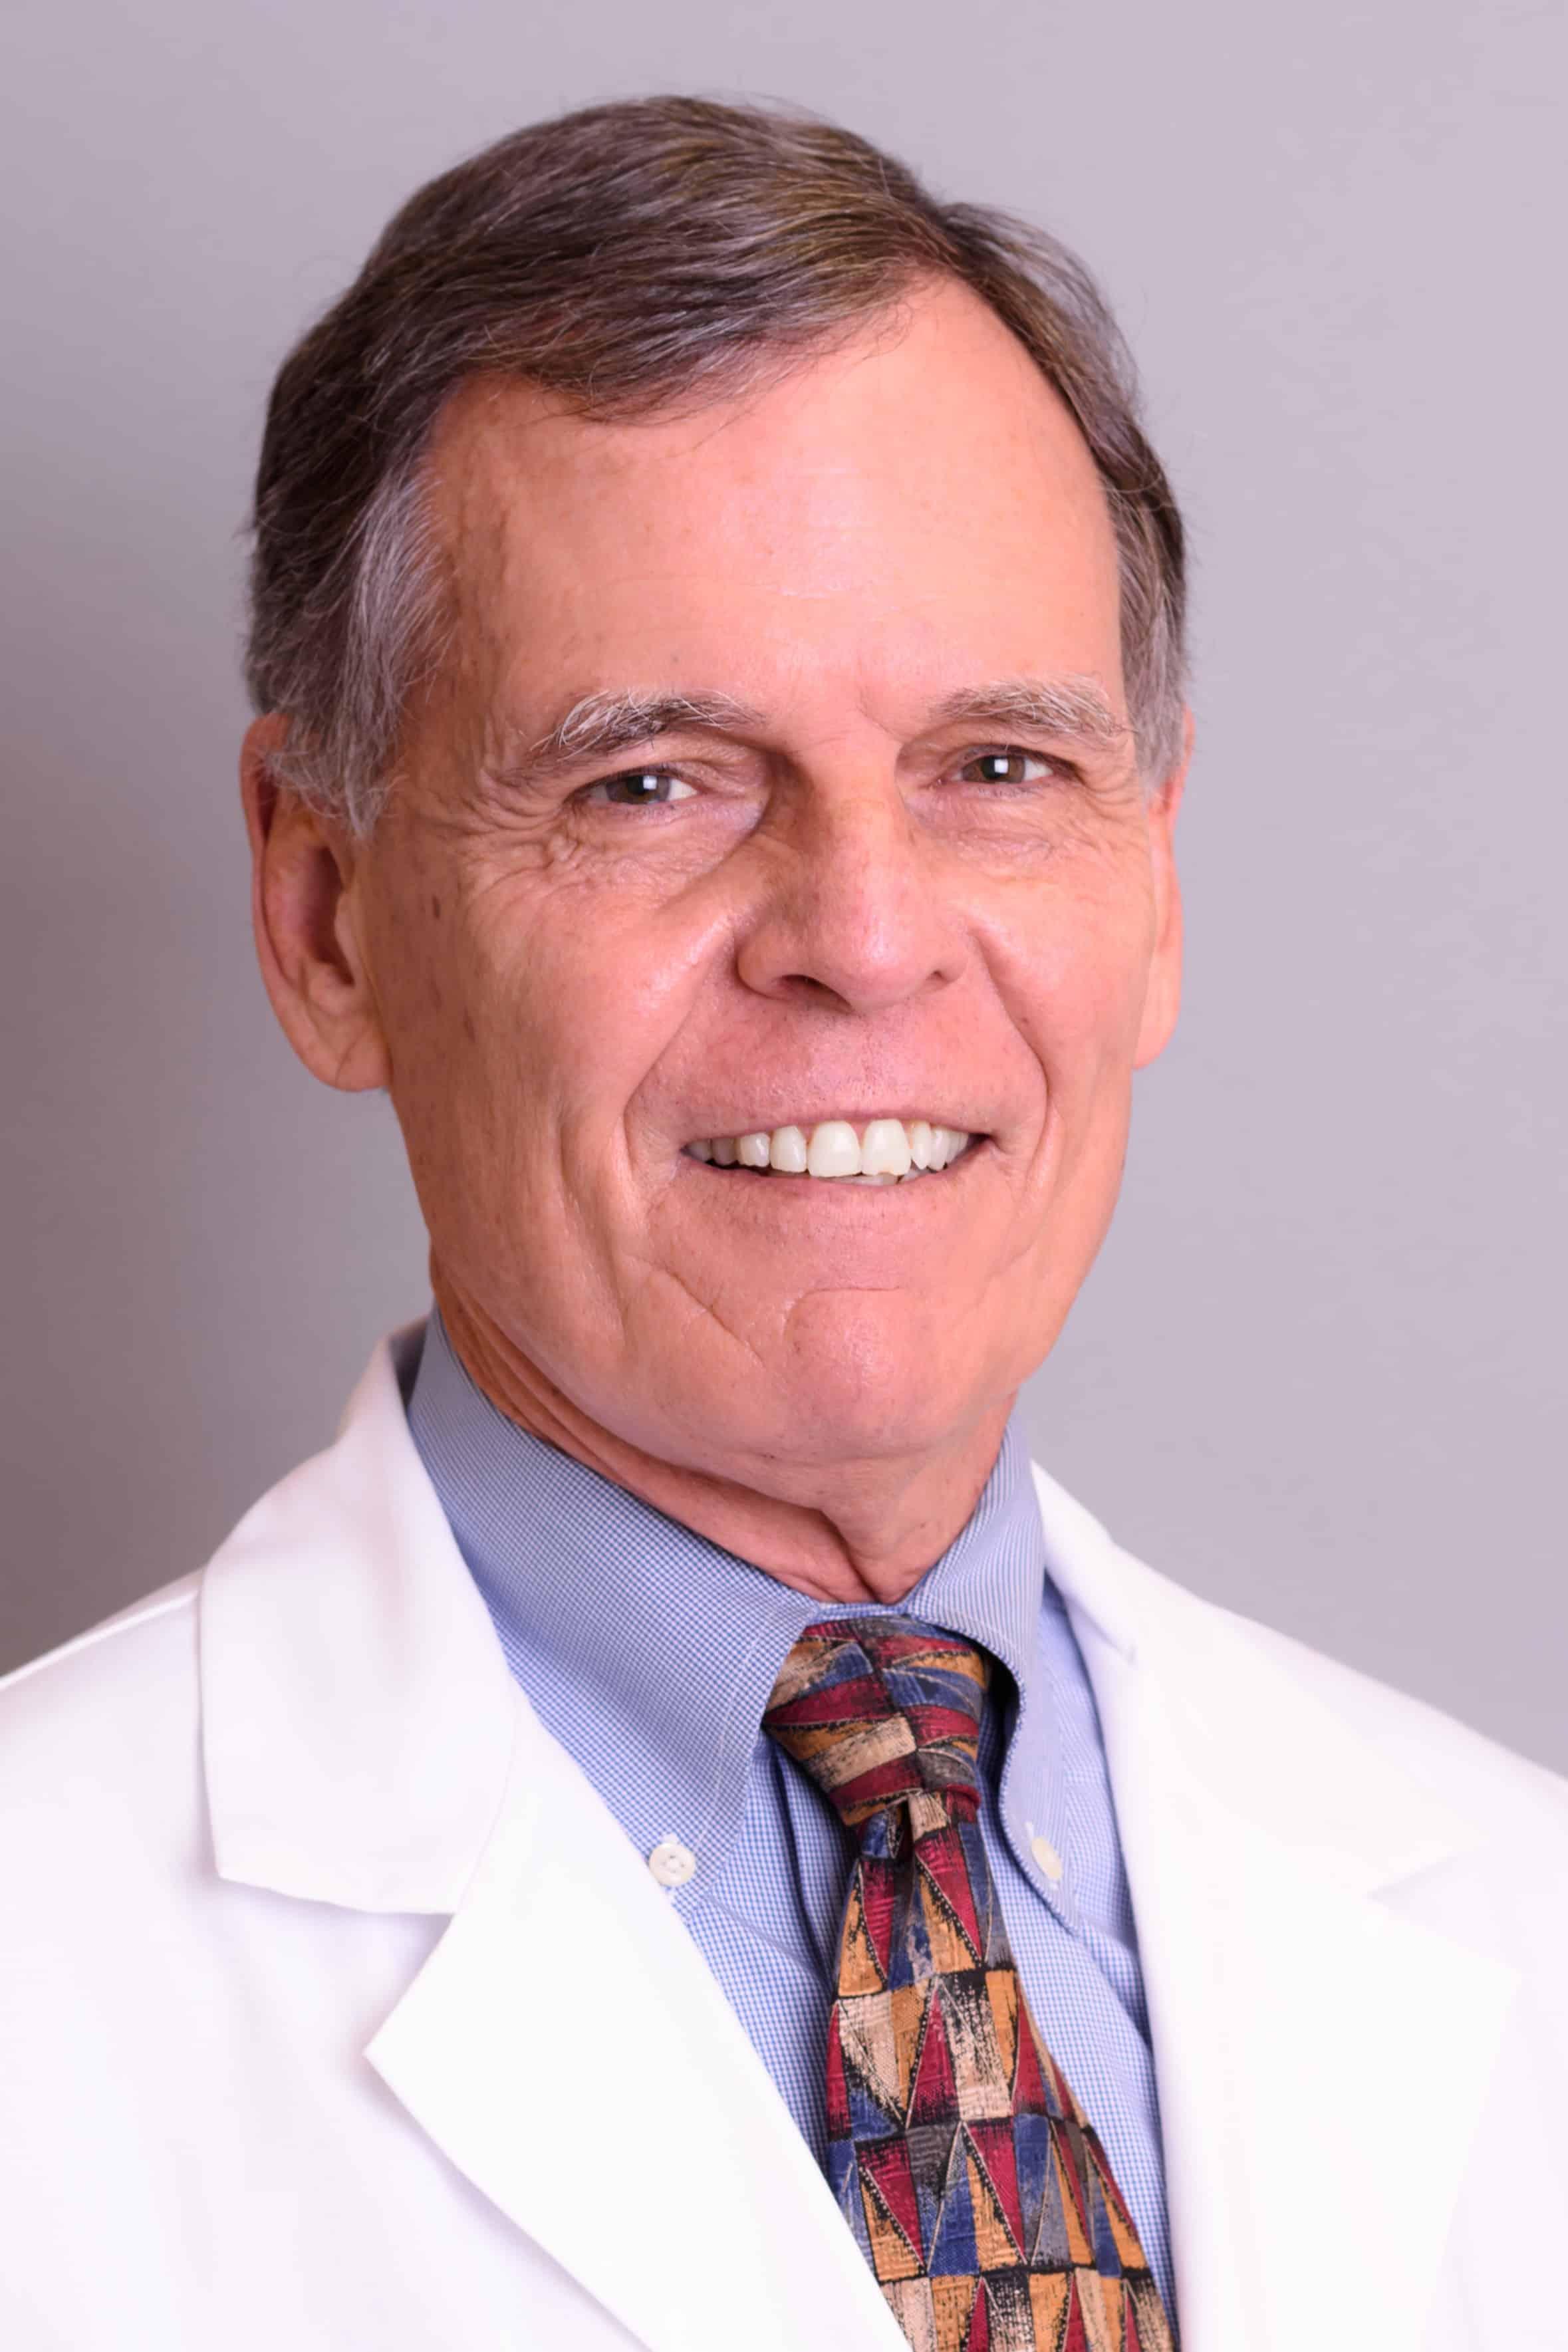 Dr. Robert Hatcher